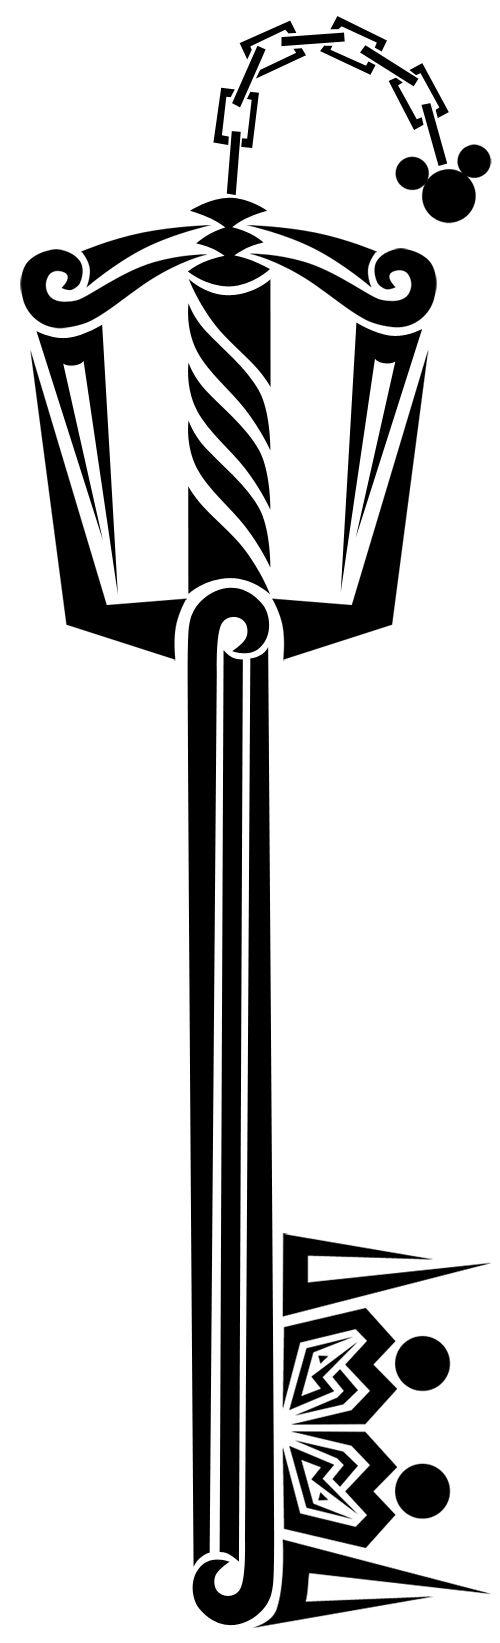 Kingdom Hearts tattoo design